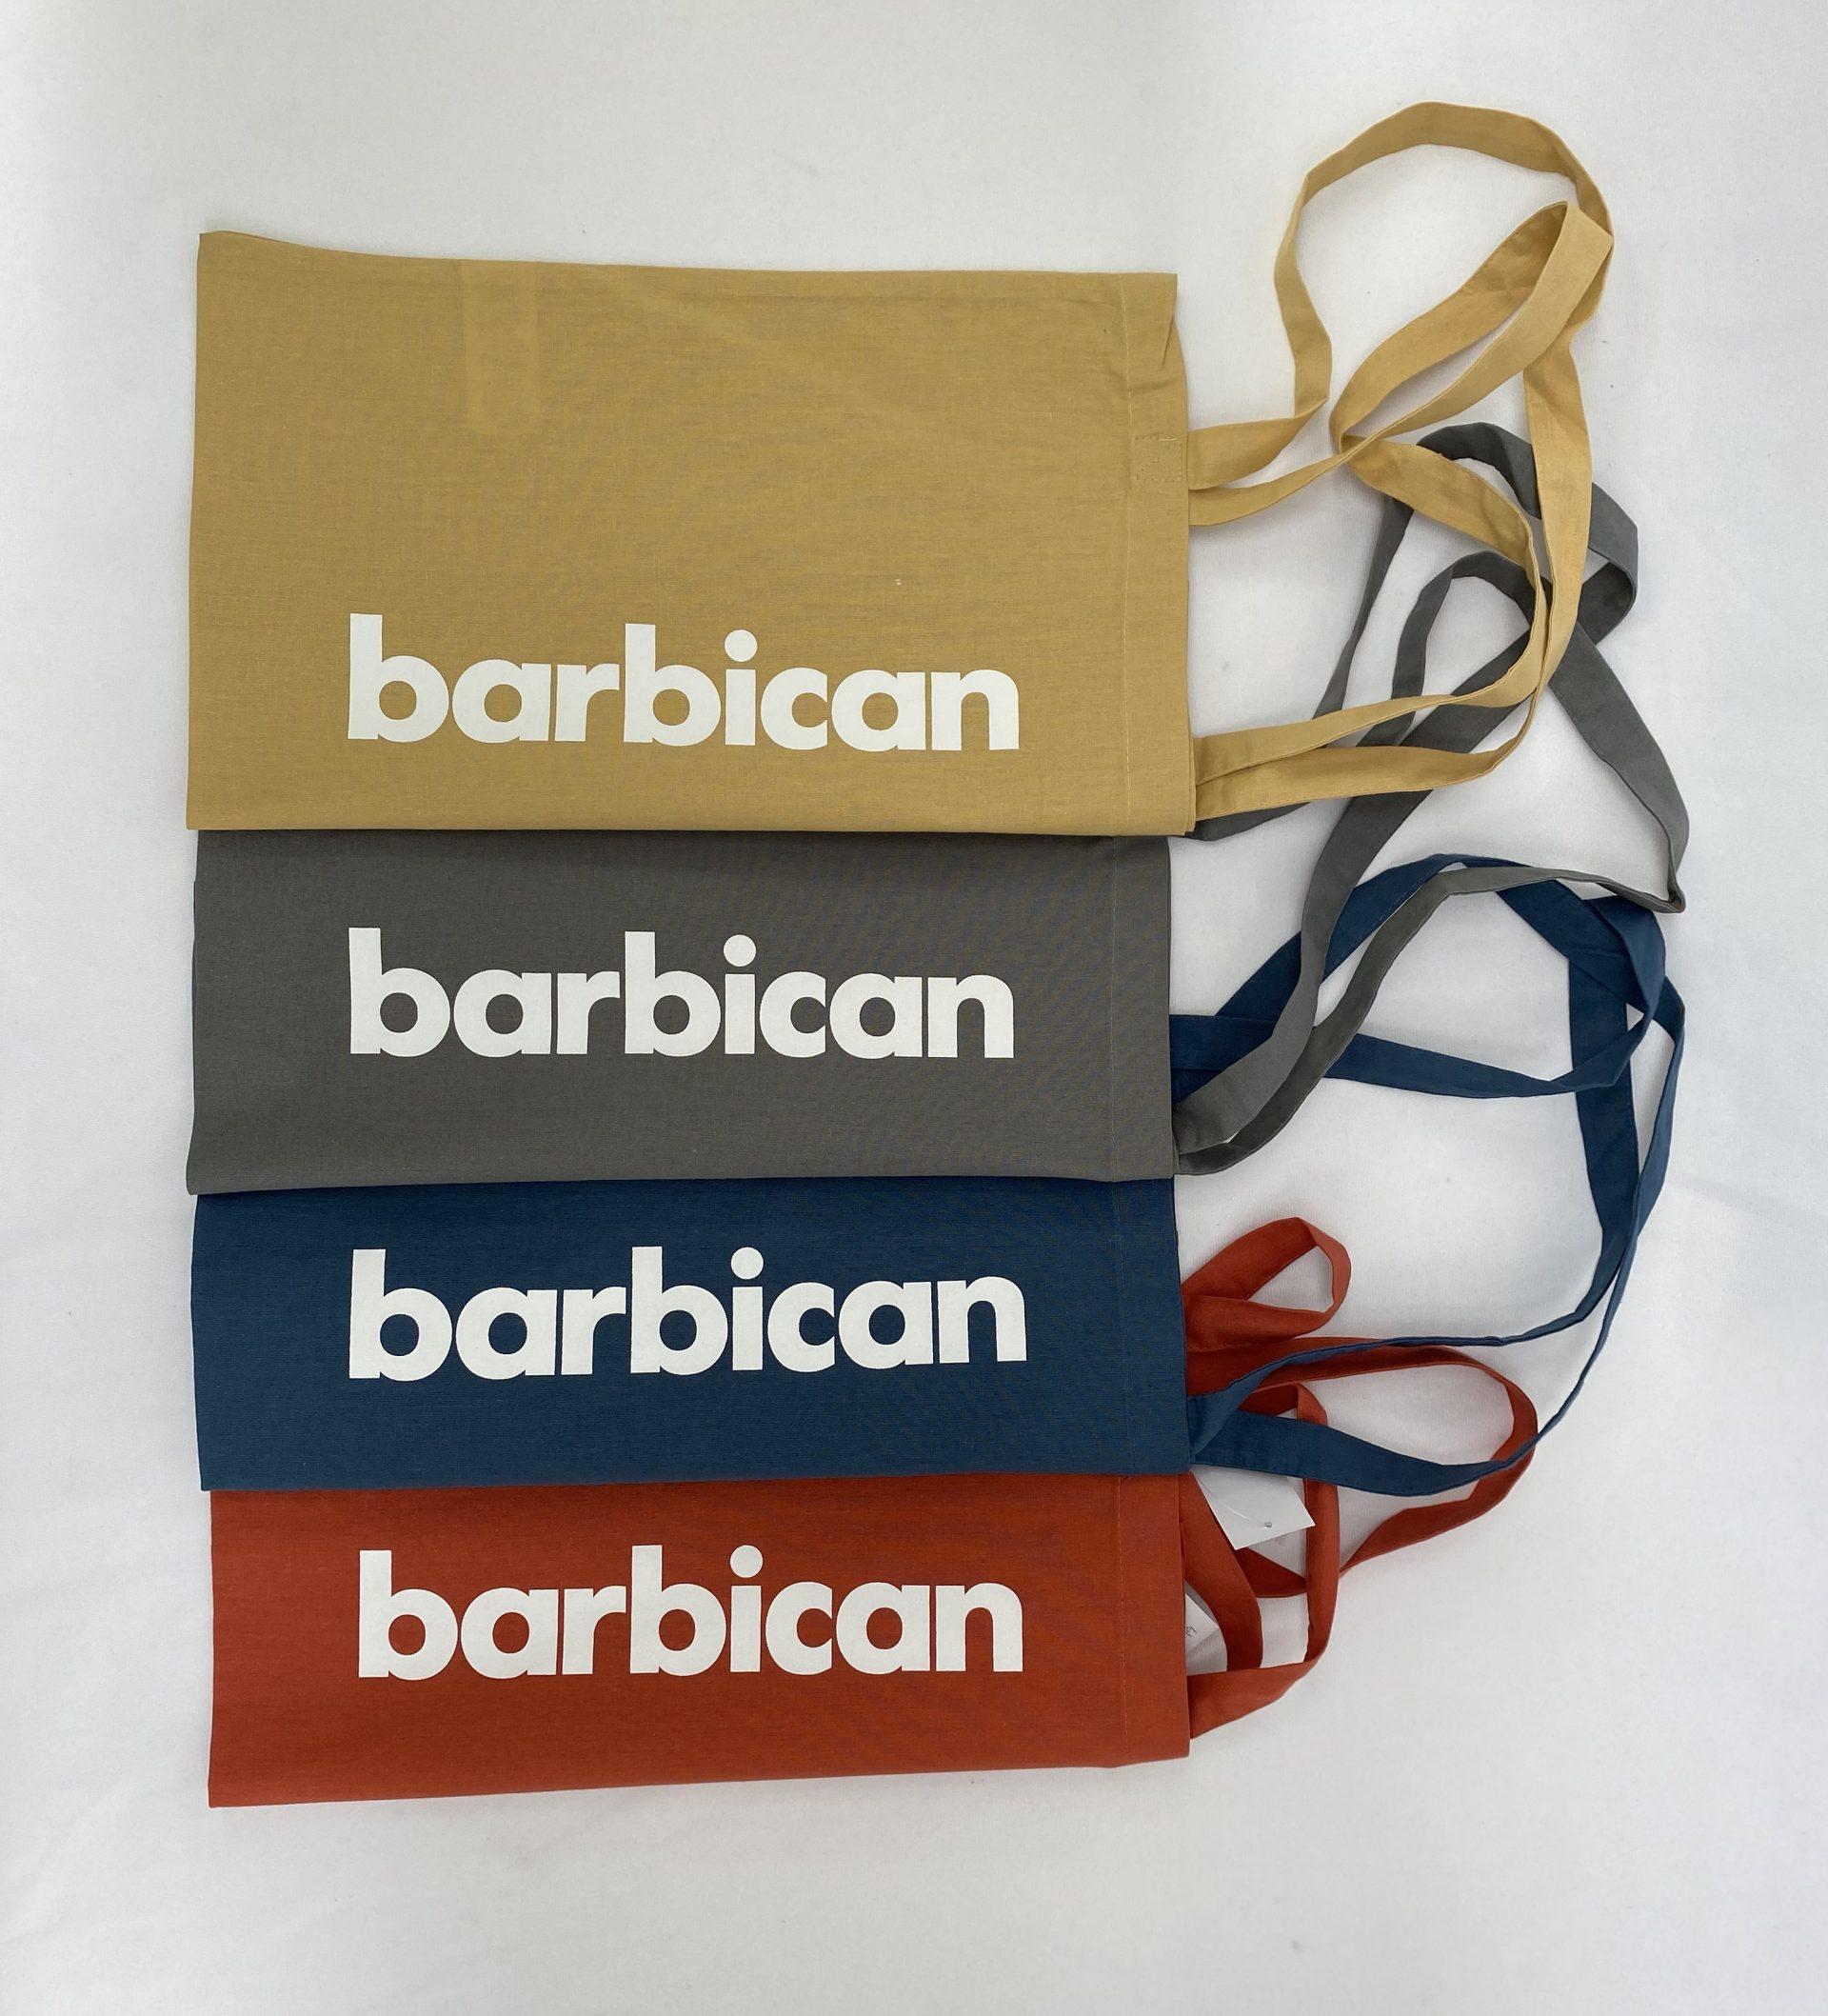 Barbican printed tote bags